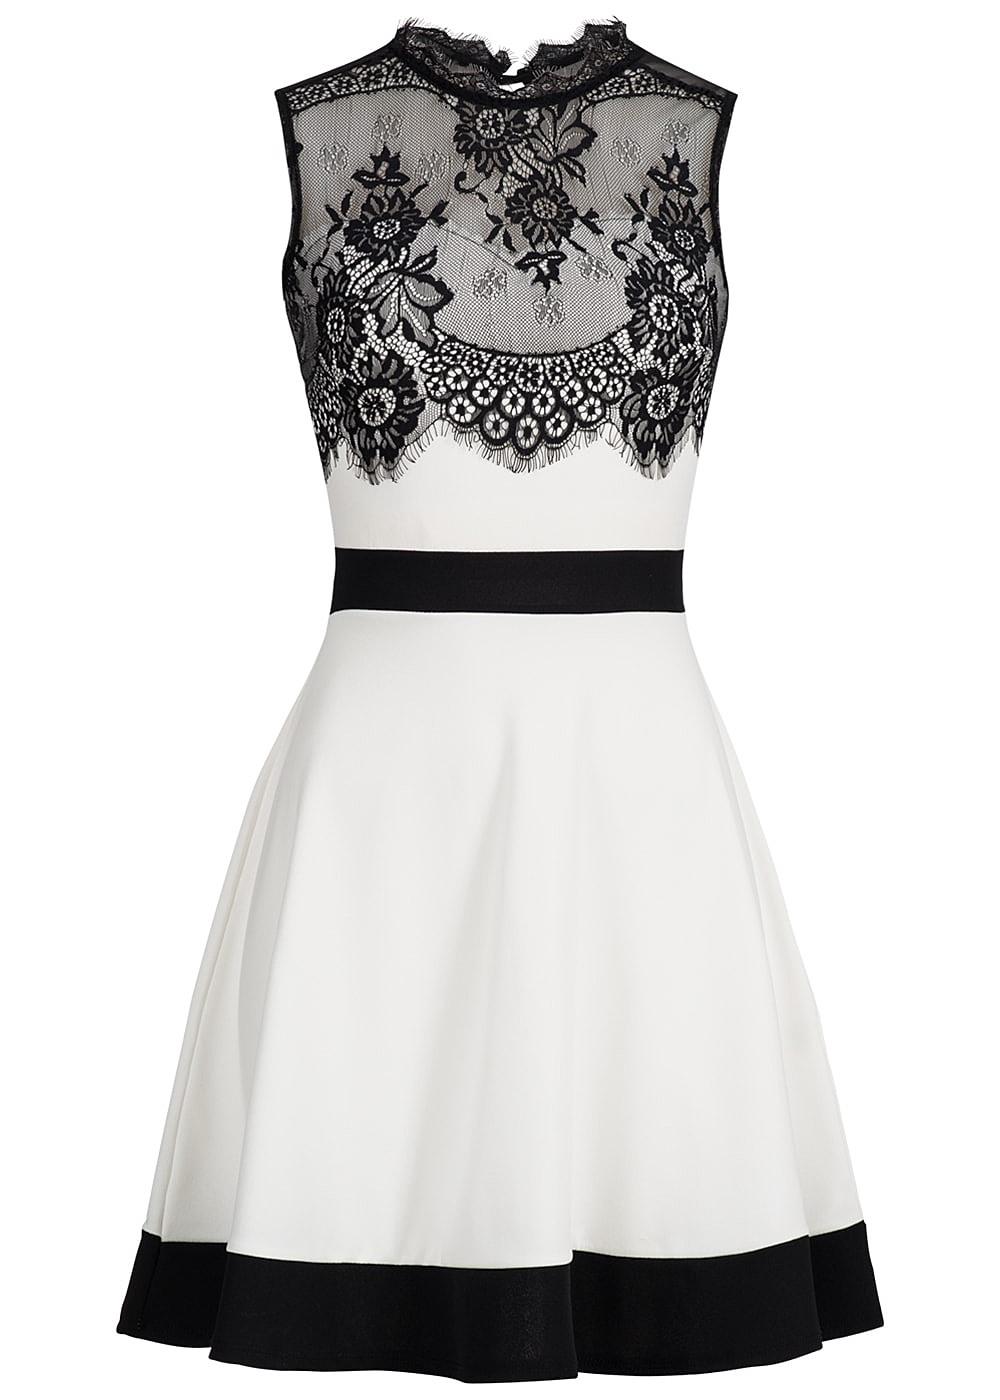 Abend Schön Damen Kleider Schwarz Weiß Design Genial Damen Kleider Schwarz Weiß Stylish